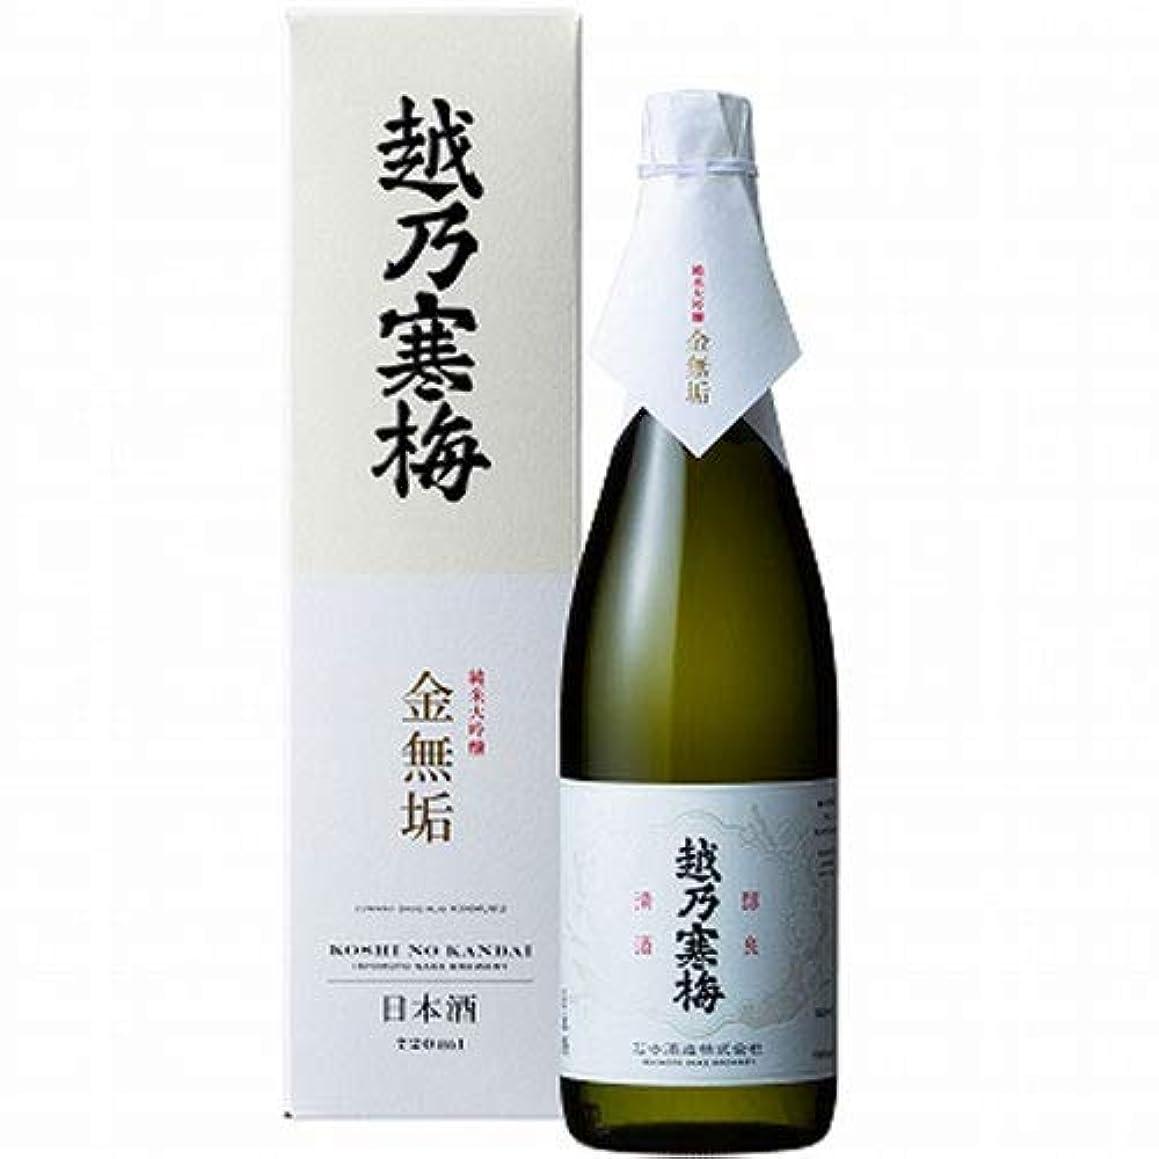 ナビゲーションバナーごちそう石本酒造 越乃寒梅 金無垢 (純米大吟醸)720ml